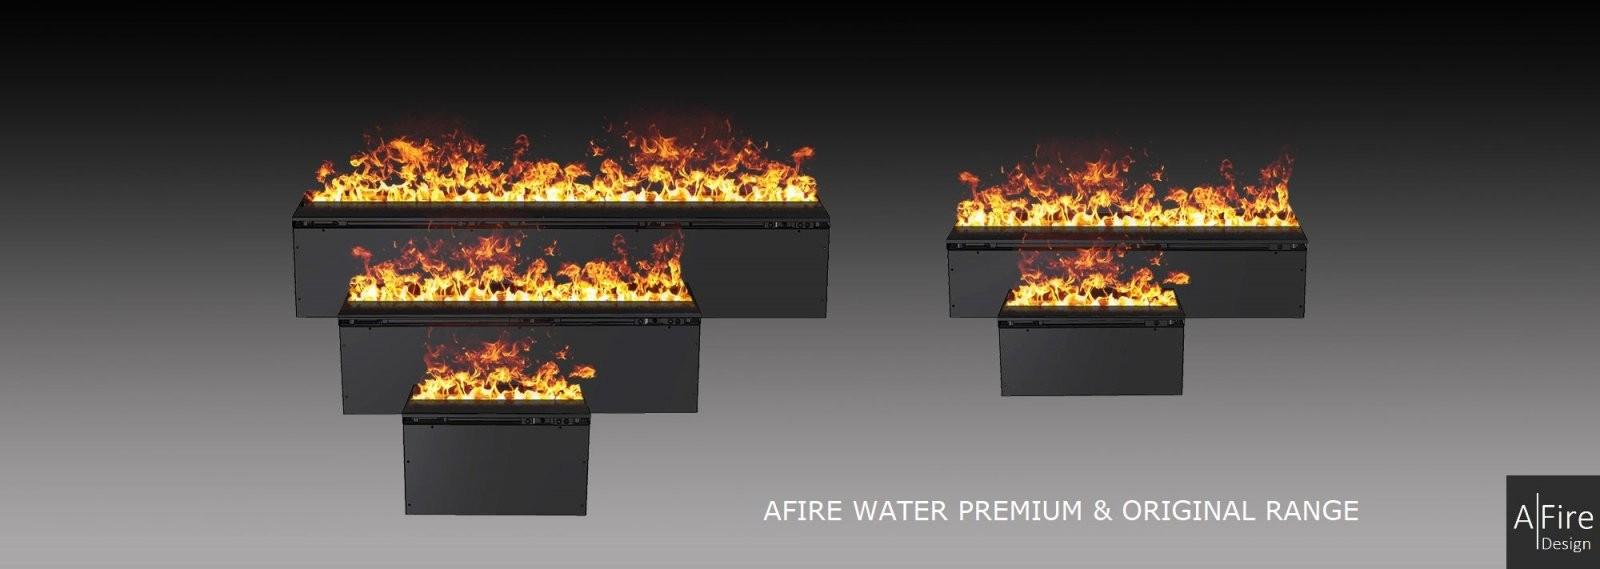 Wasserdampf Kamin  3D Elektrokamin Einsatz Mit Wasserdampf Afire von 3D Elektrokamine Mit Wasserdampf Bild